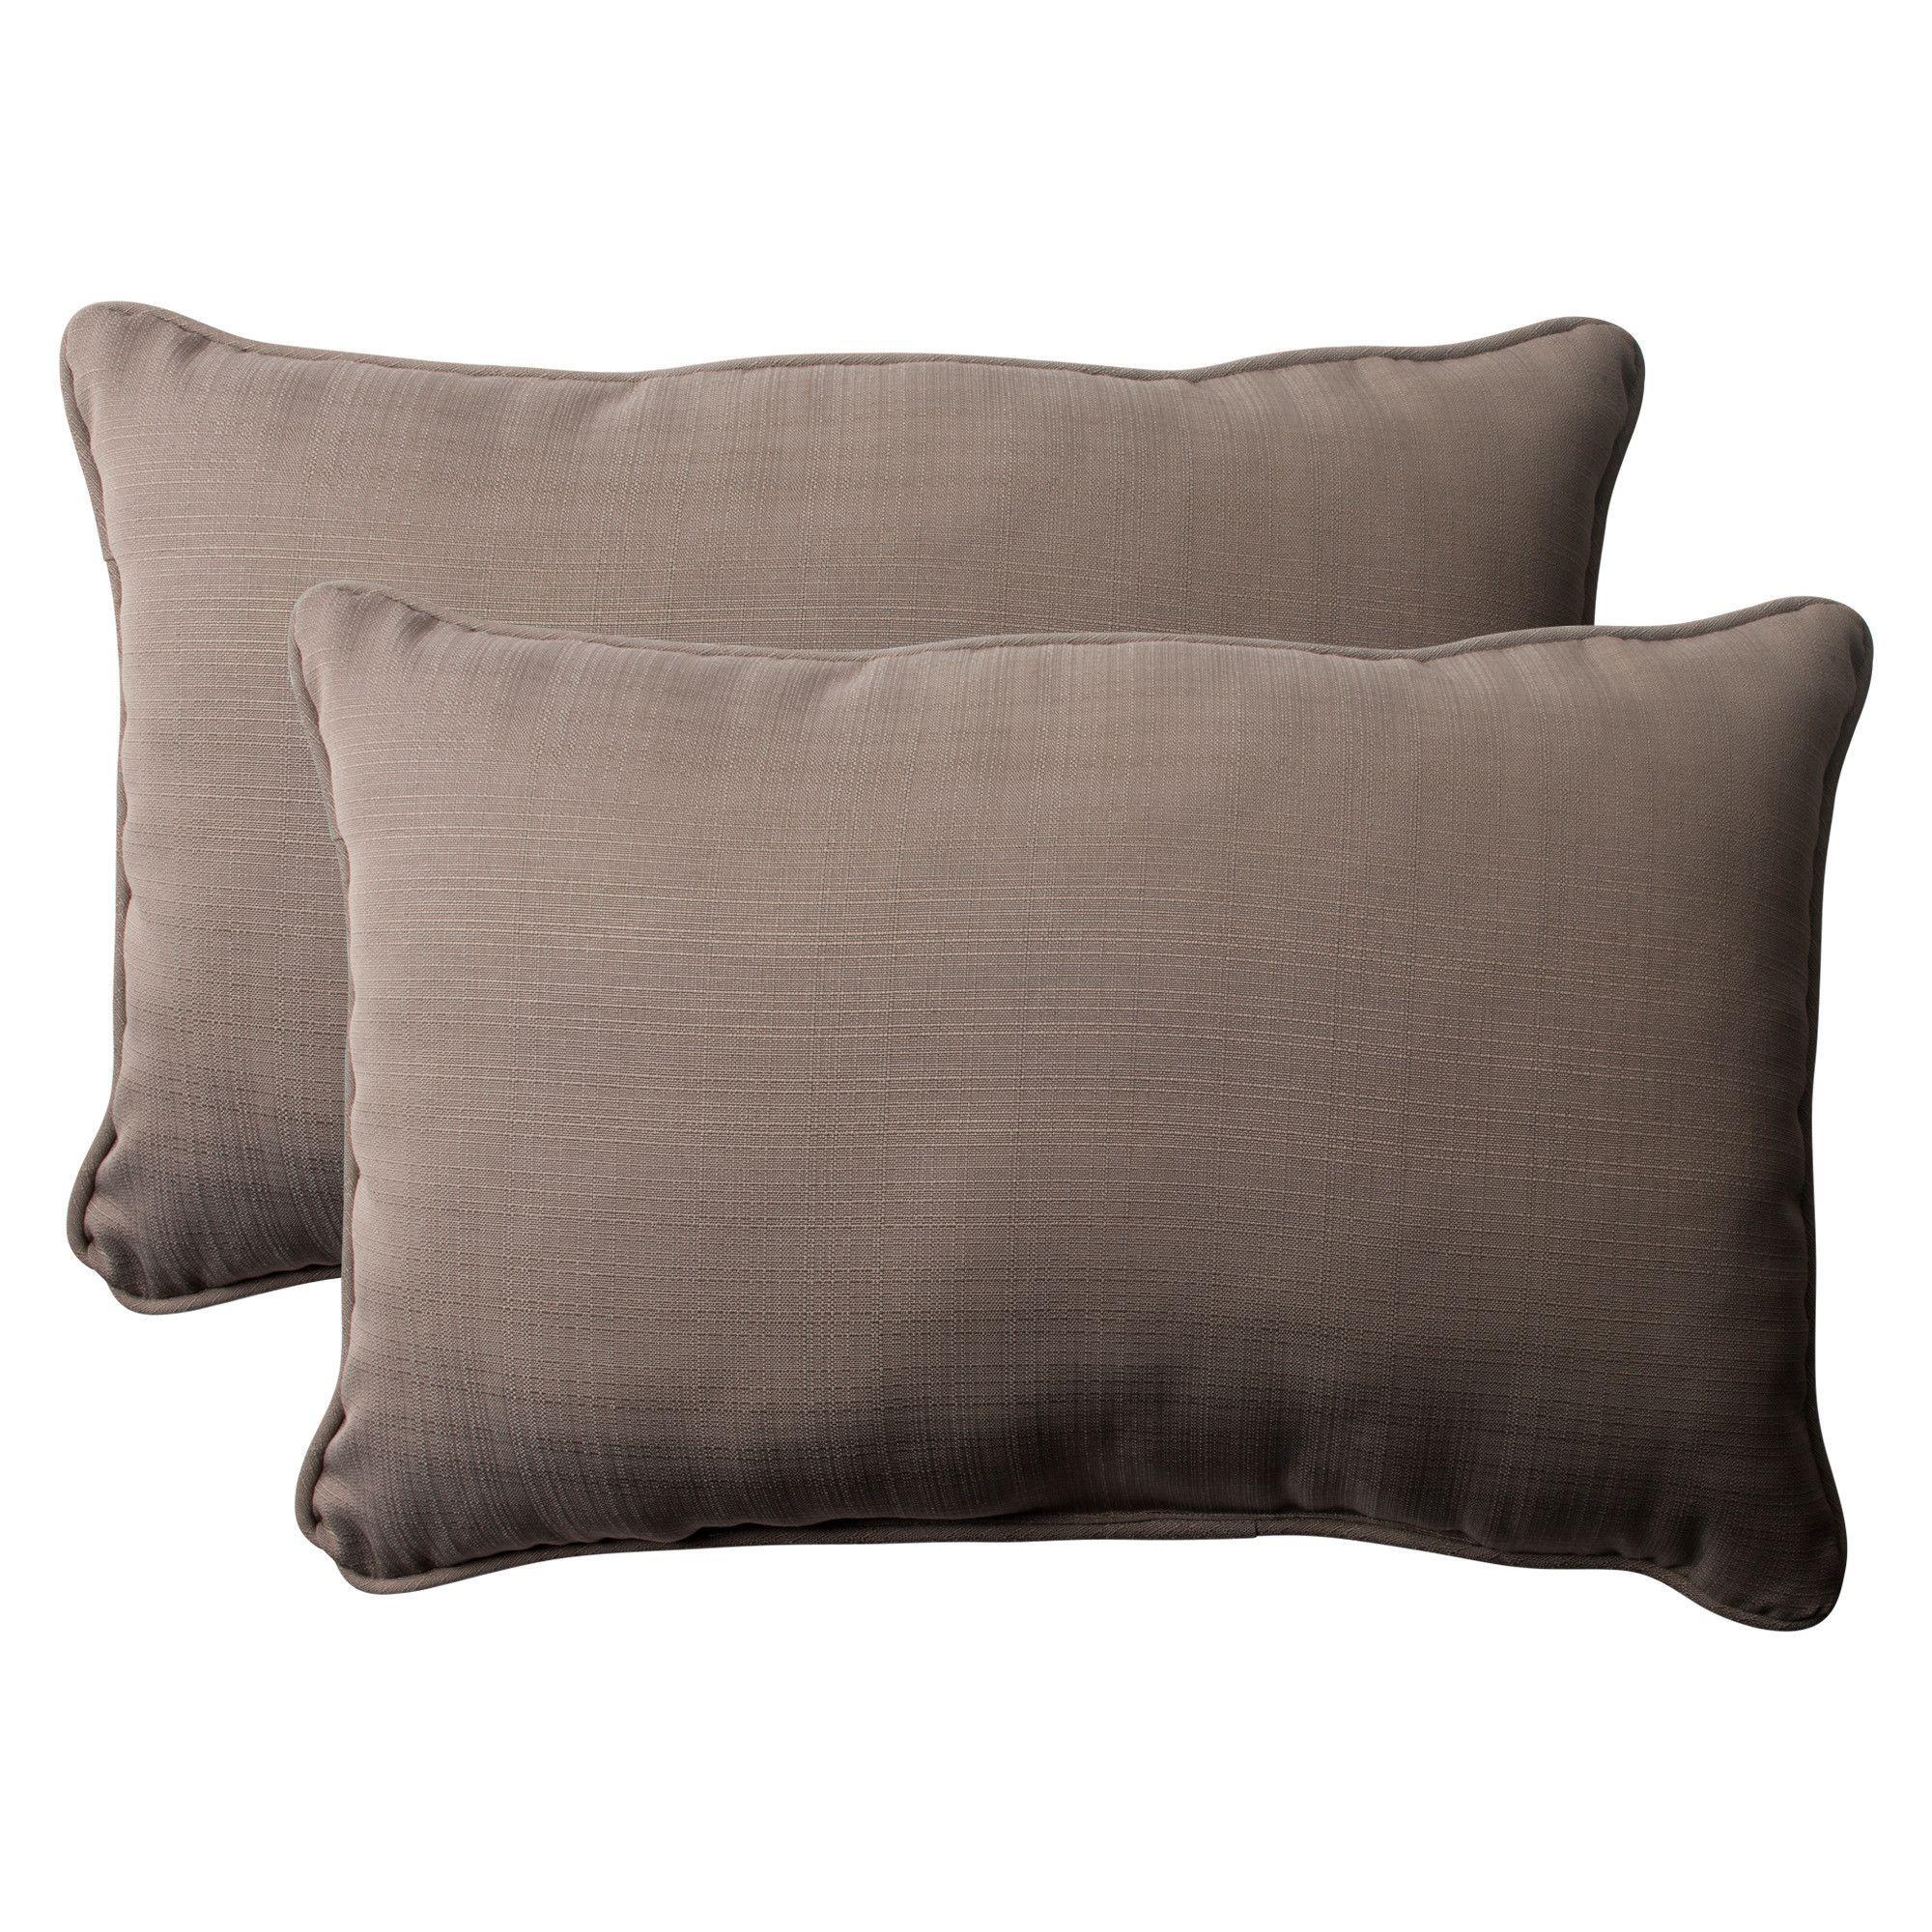 Corded Indoor/Outdoor Throw Pillow